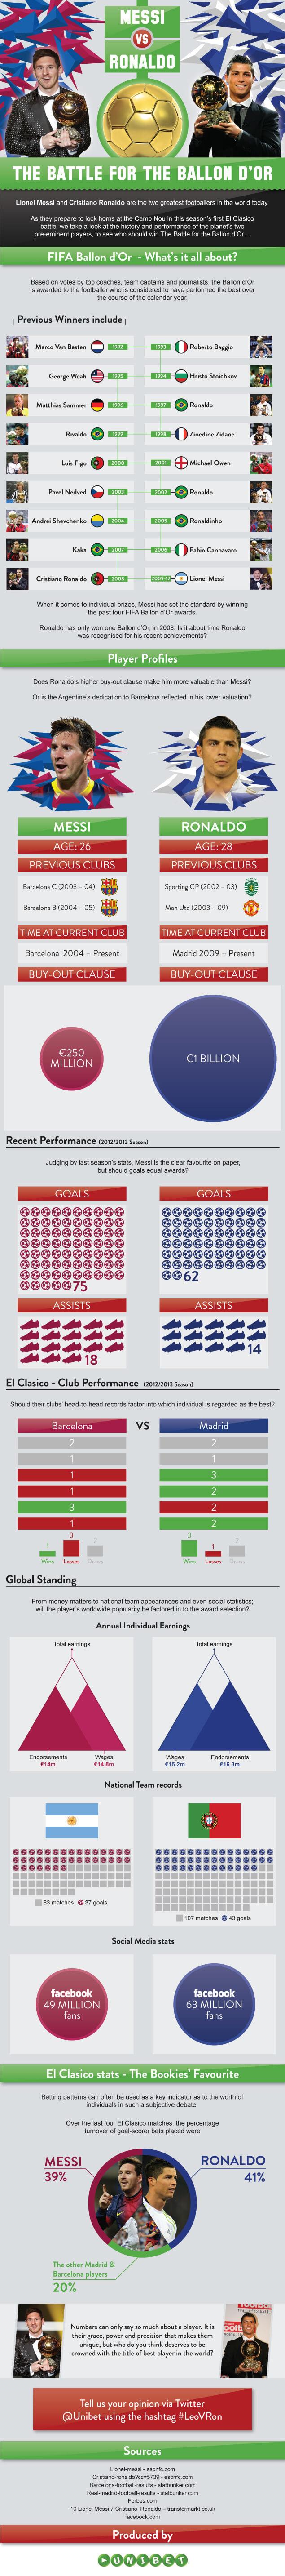 El Clasico: Lionel Messi vs Cristiano Ronaldo Infographic